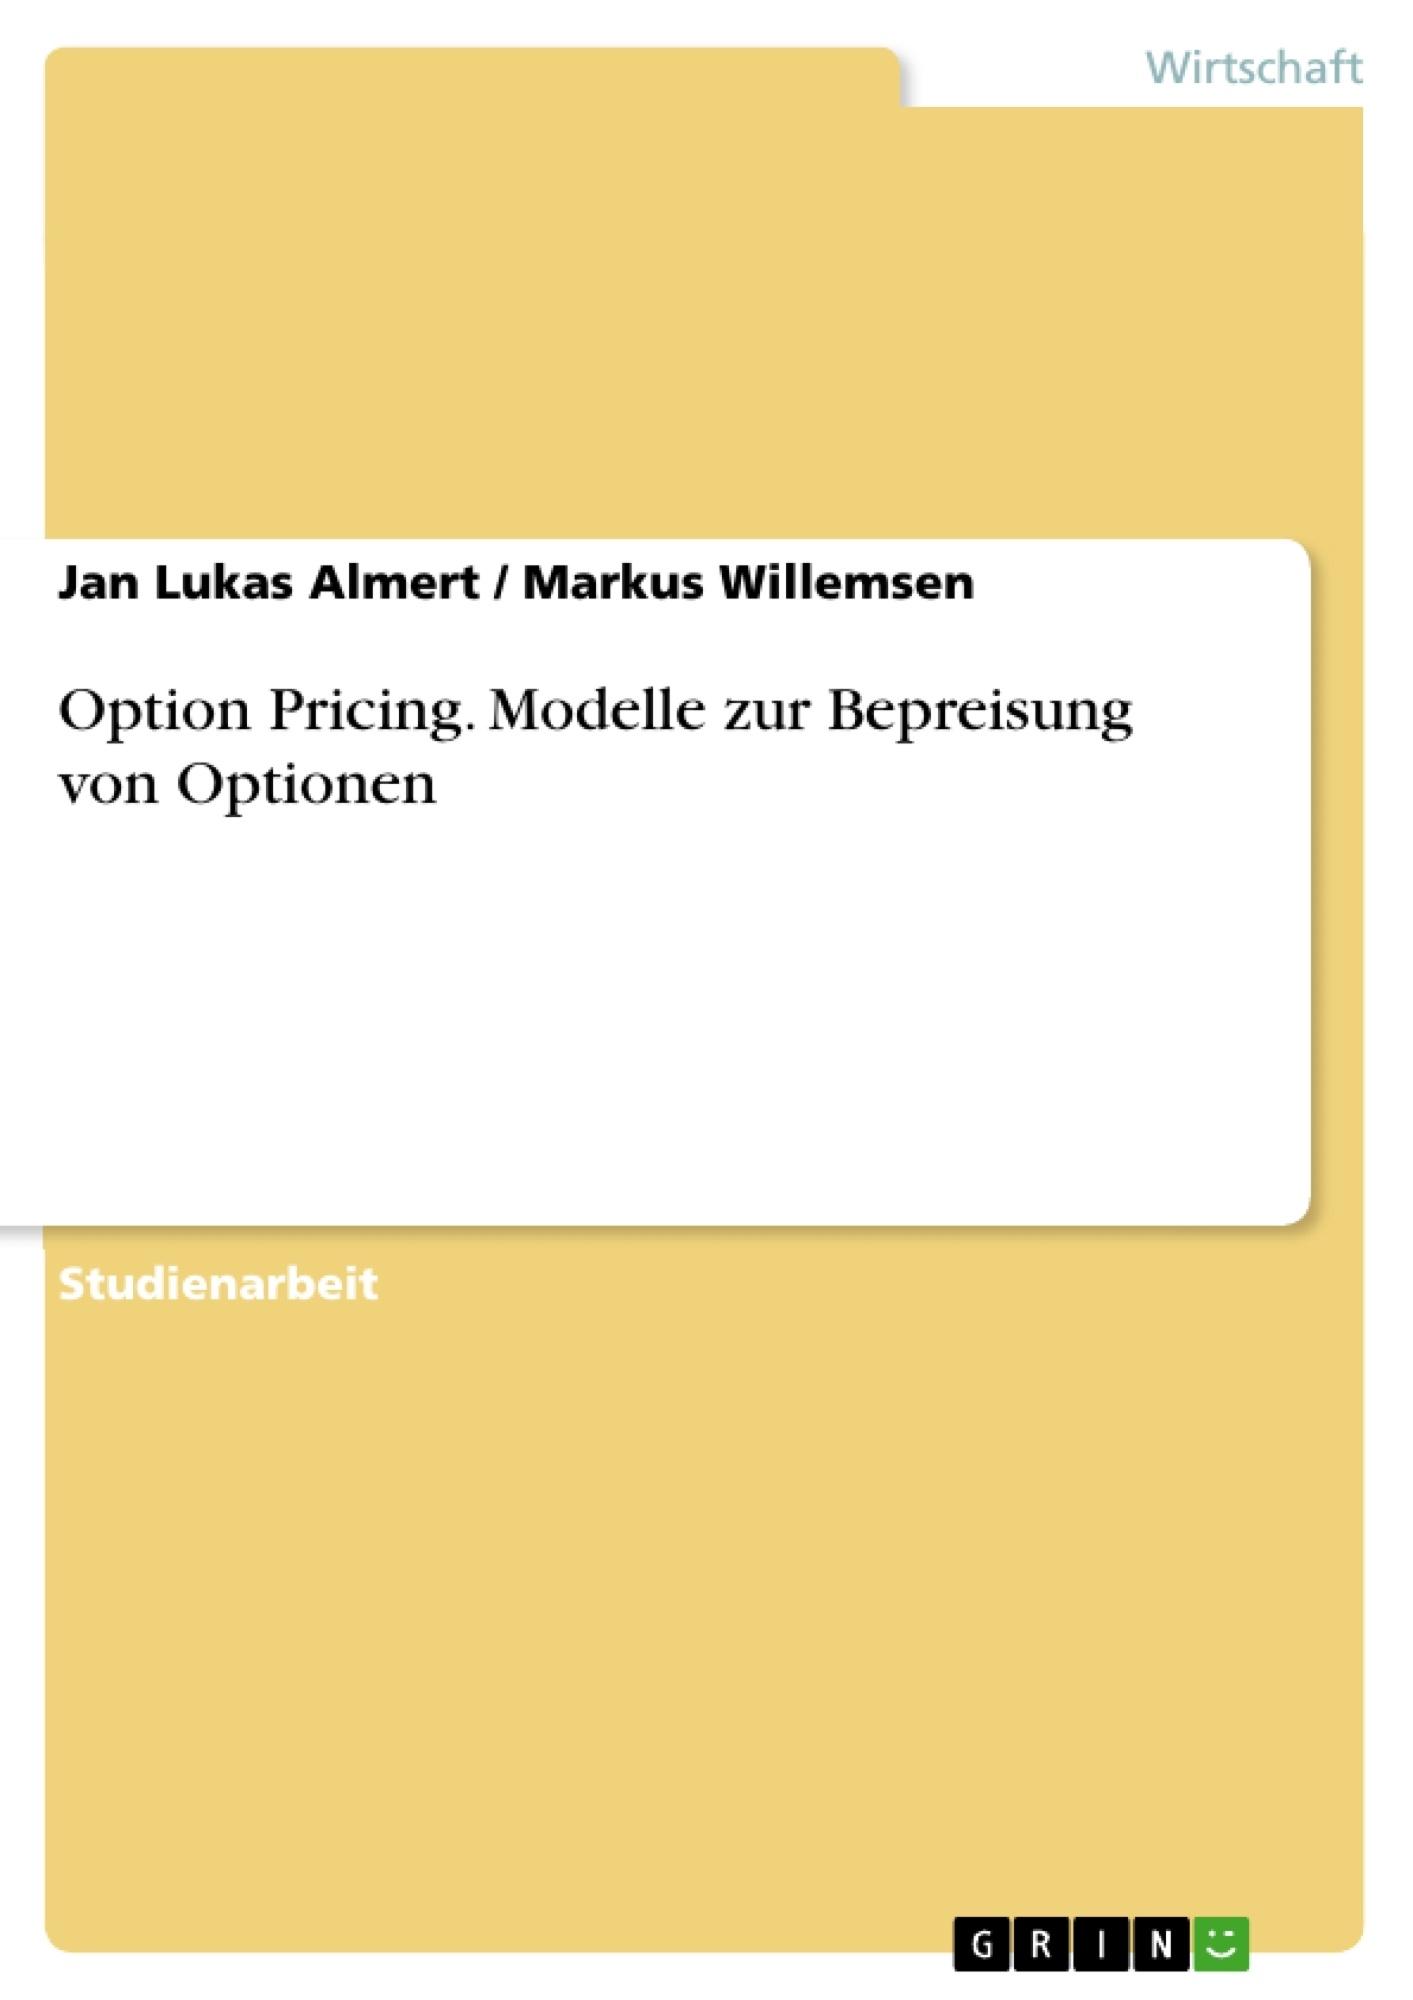 Titel: Option Pricing. Modelle zur Bepreisung von Optionen